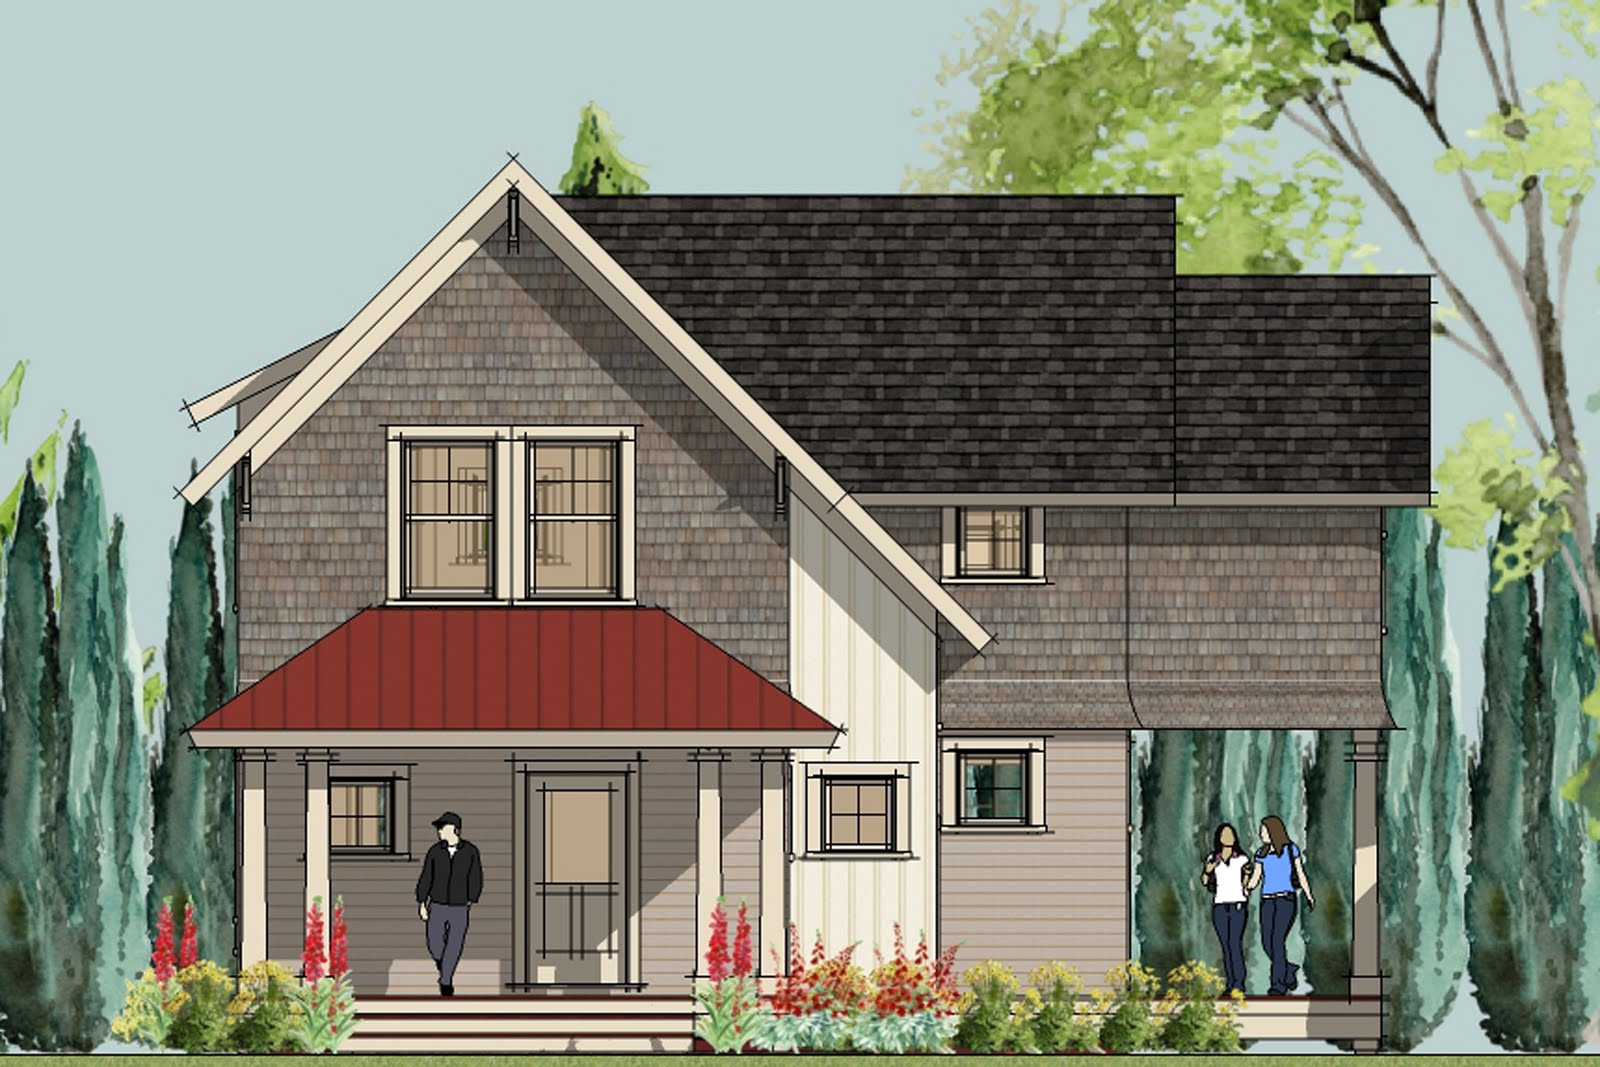 13 Best Simple Unique Small House Designs Ideas House Plans